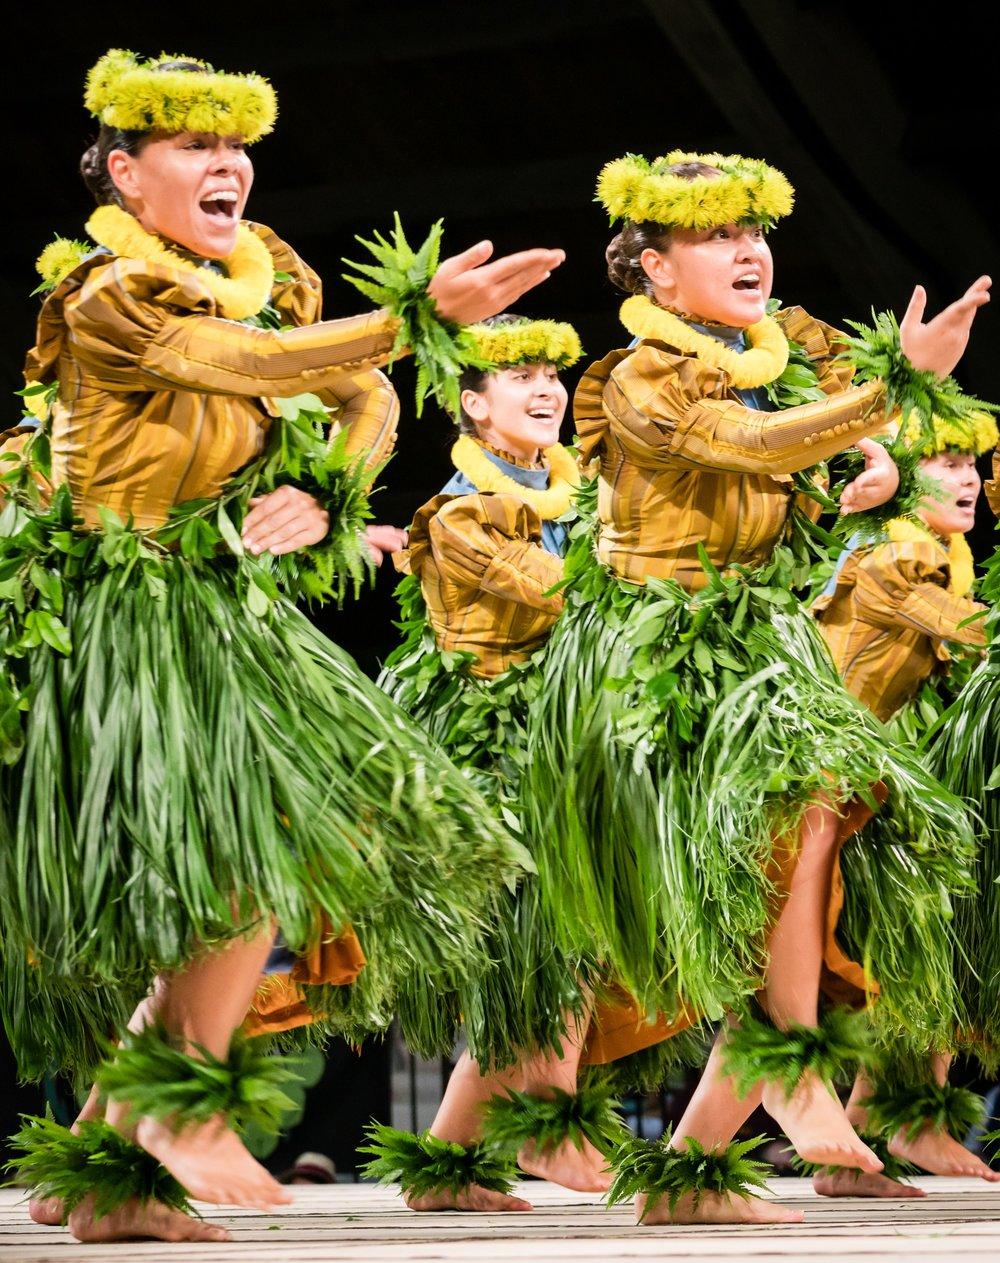 Halau-Manaola-Merrie-Monarch-Hula-Festival-EMotion-Galleries-Ranae-Keane-Photography-Destination-Wedding-Big-Island-Hawaii_010_180406_.jpg